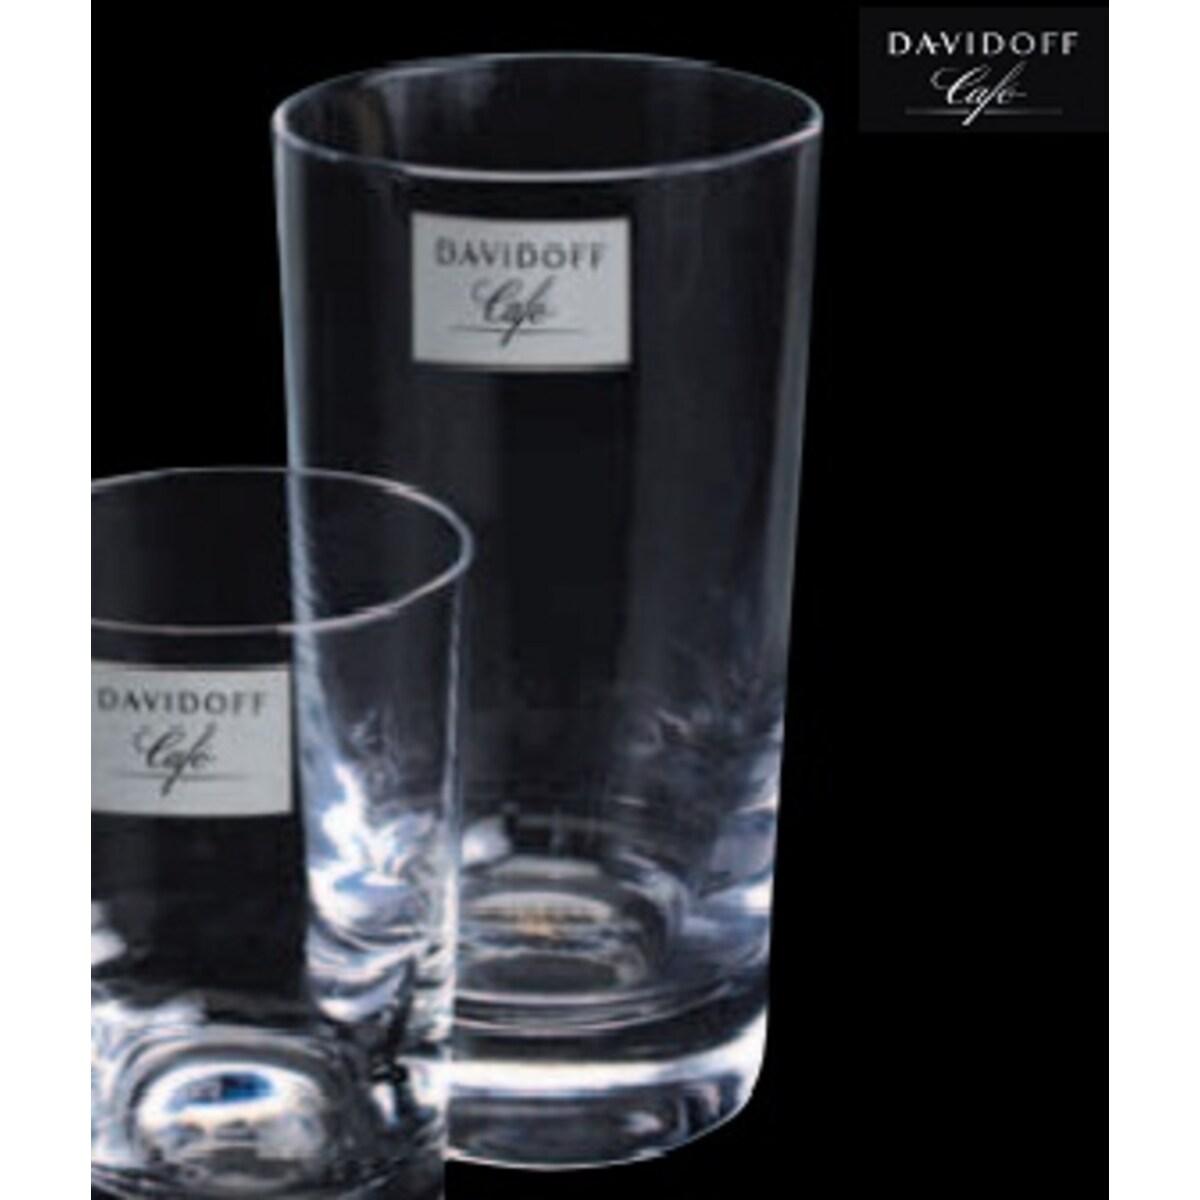 Tchibo Davidoff Café - Комплект стъклени чаши за лате макиато, 6бр, 285мл